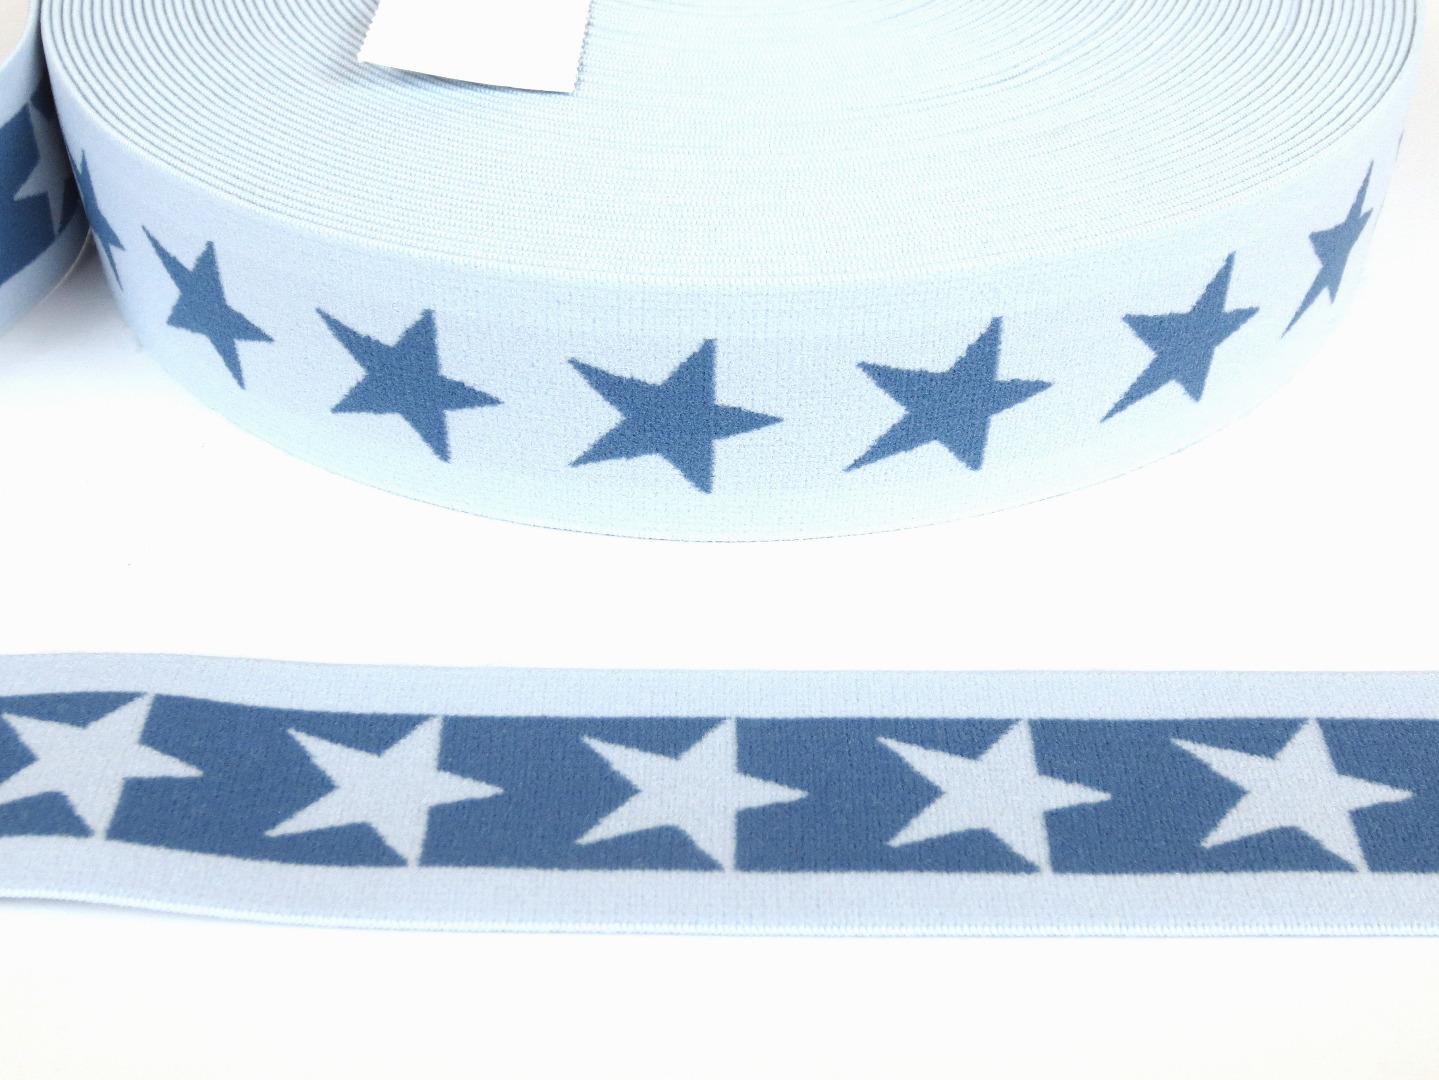 Gummiband Sterne - hellblau-jeansblau - 4